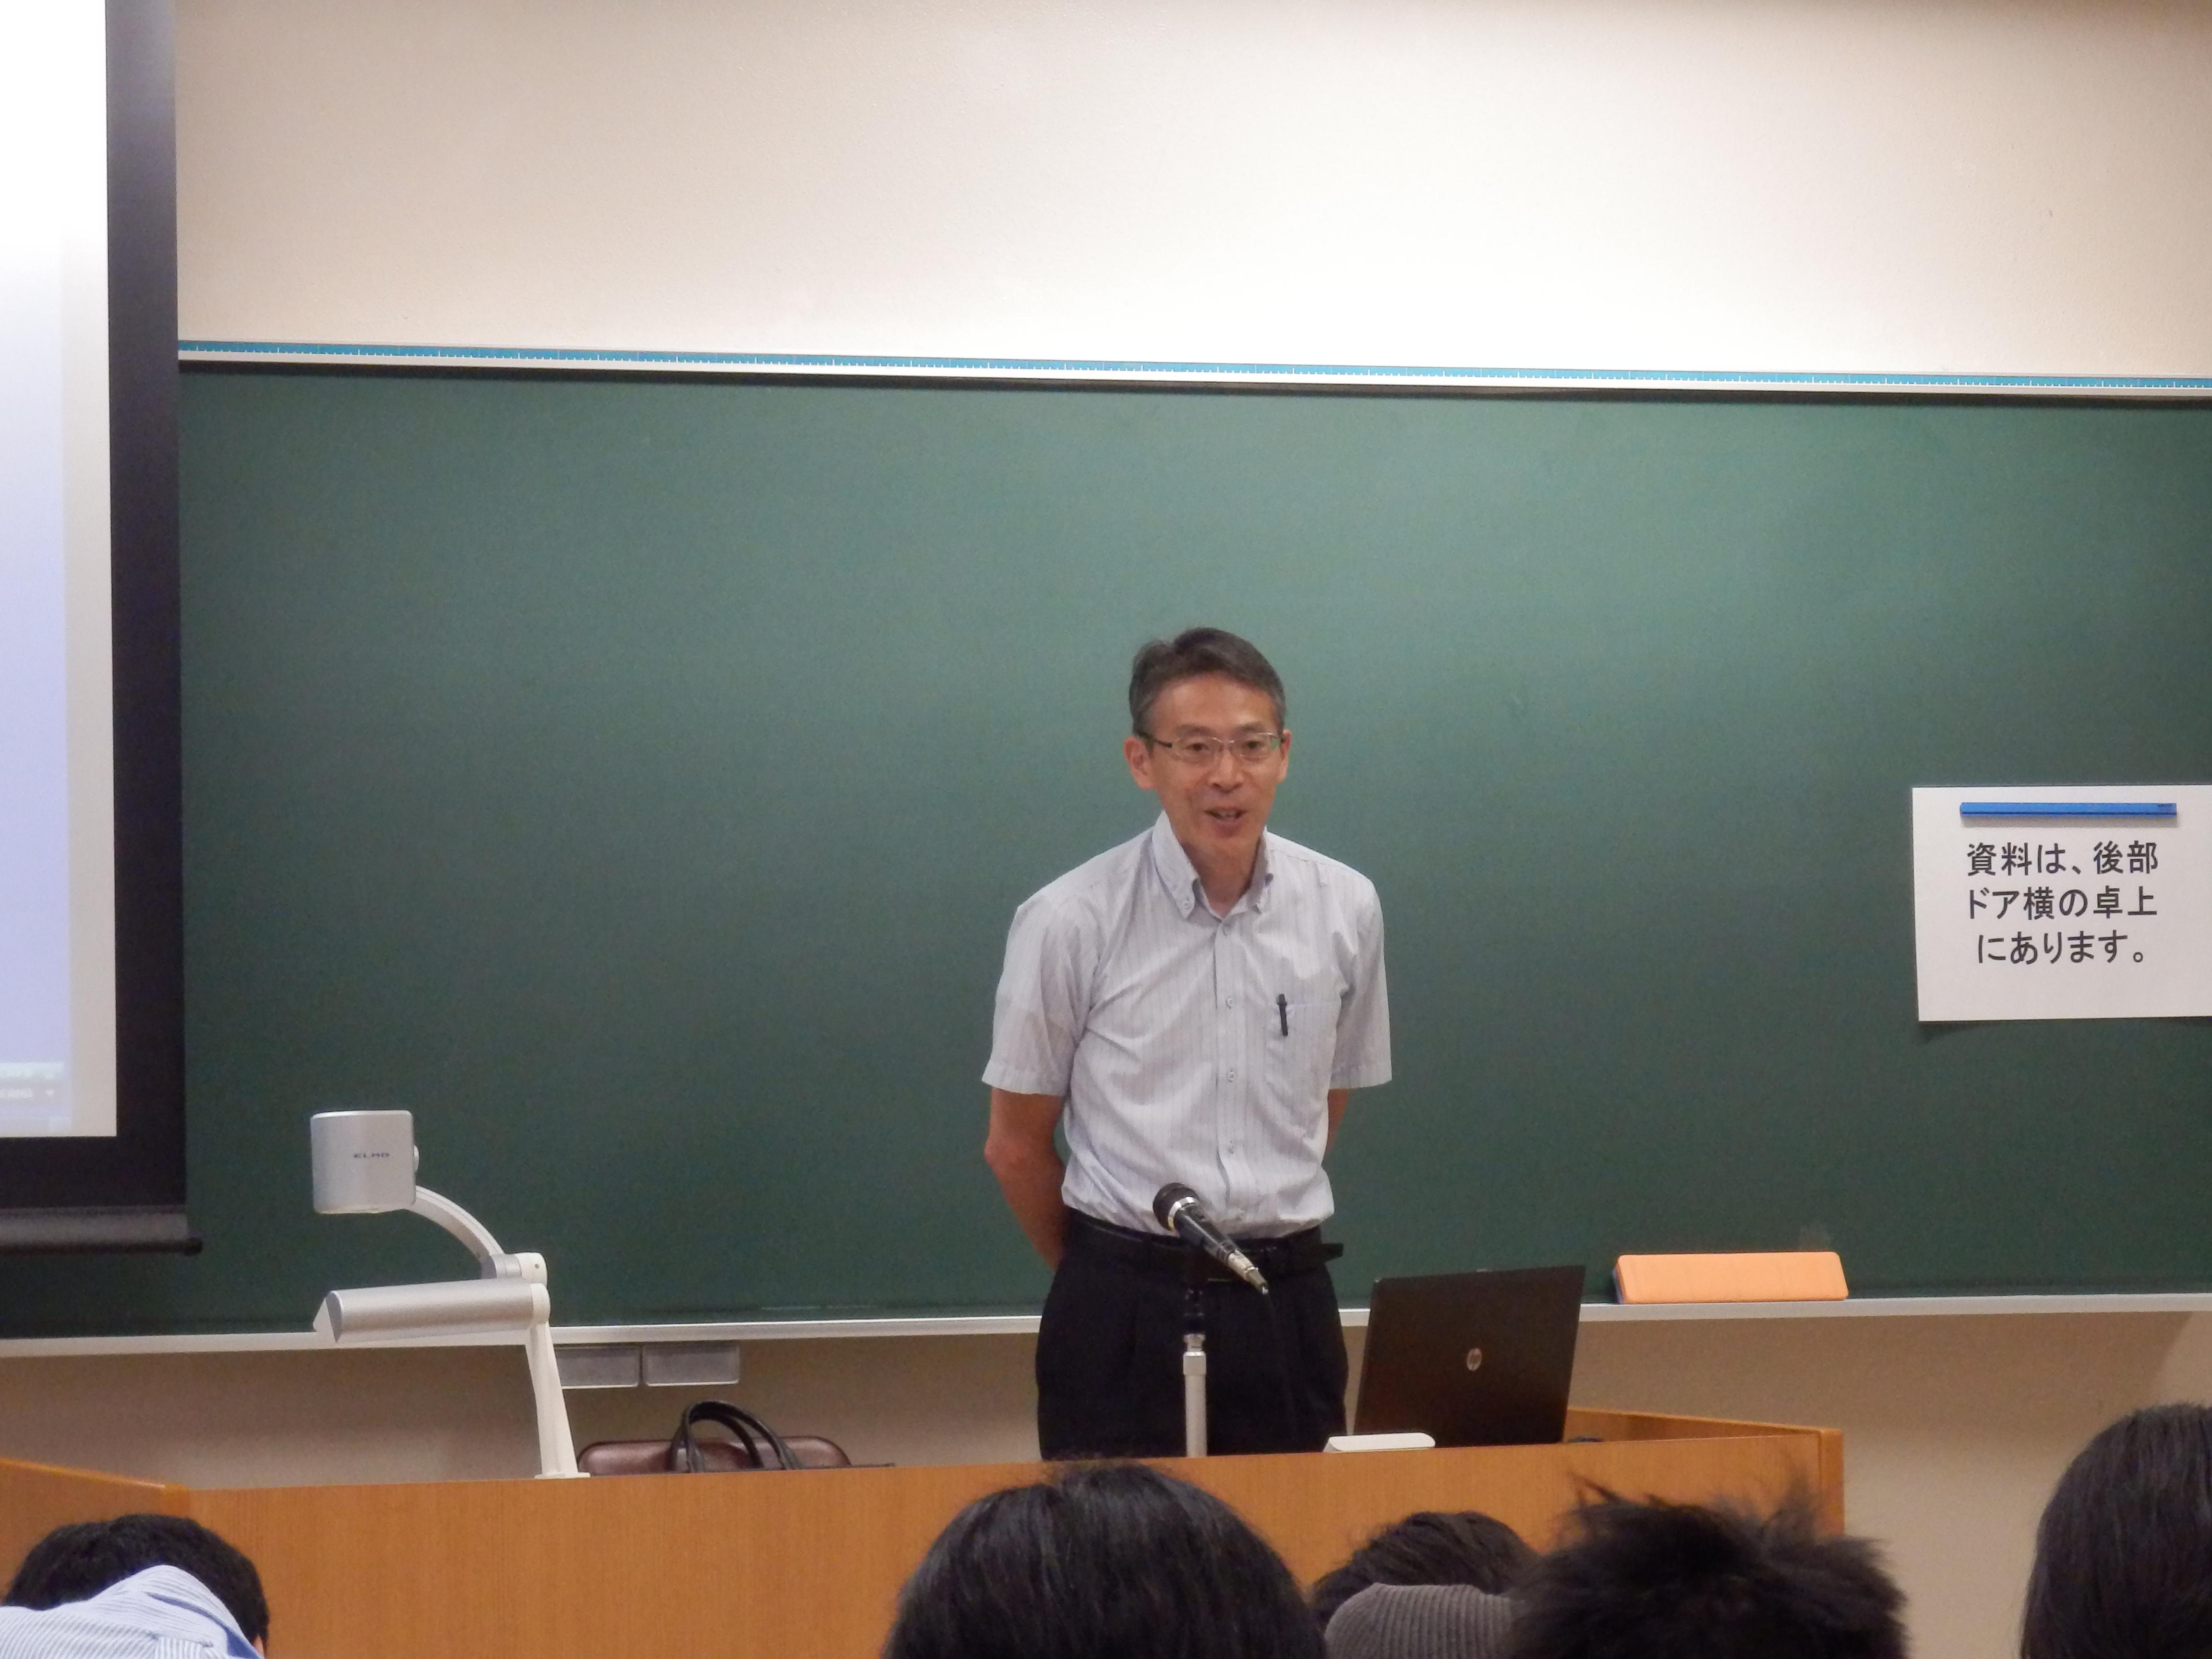 講師の田中雄介氏